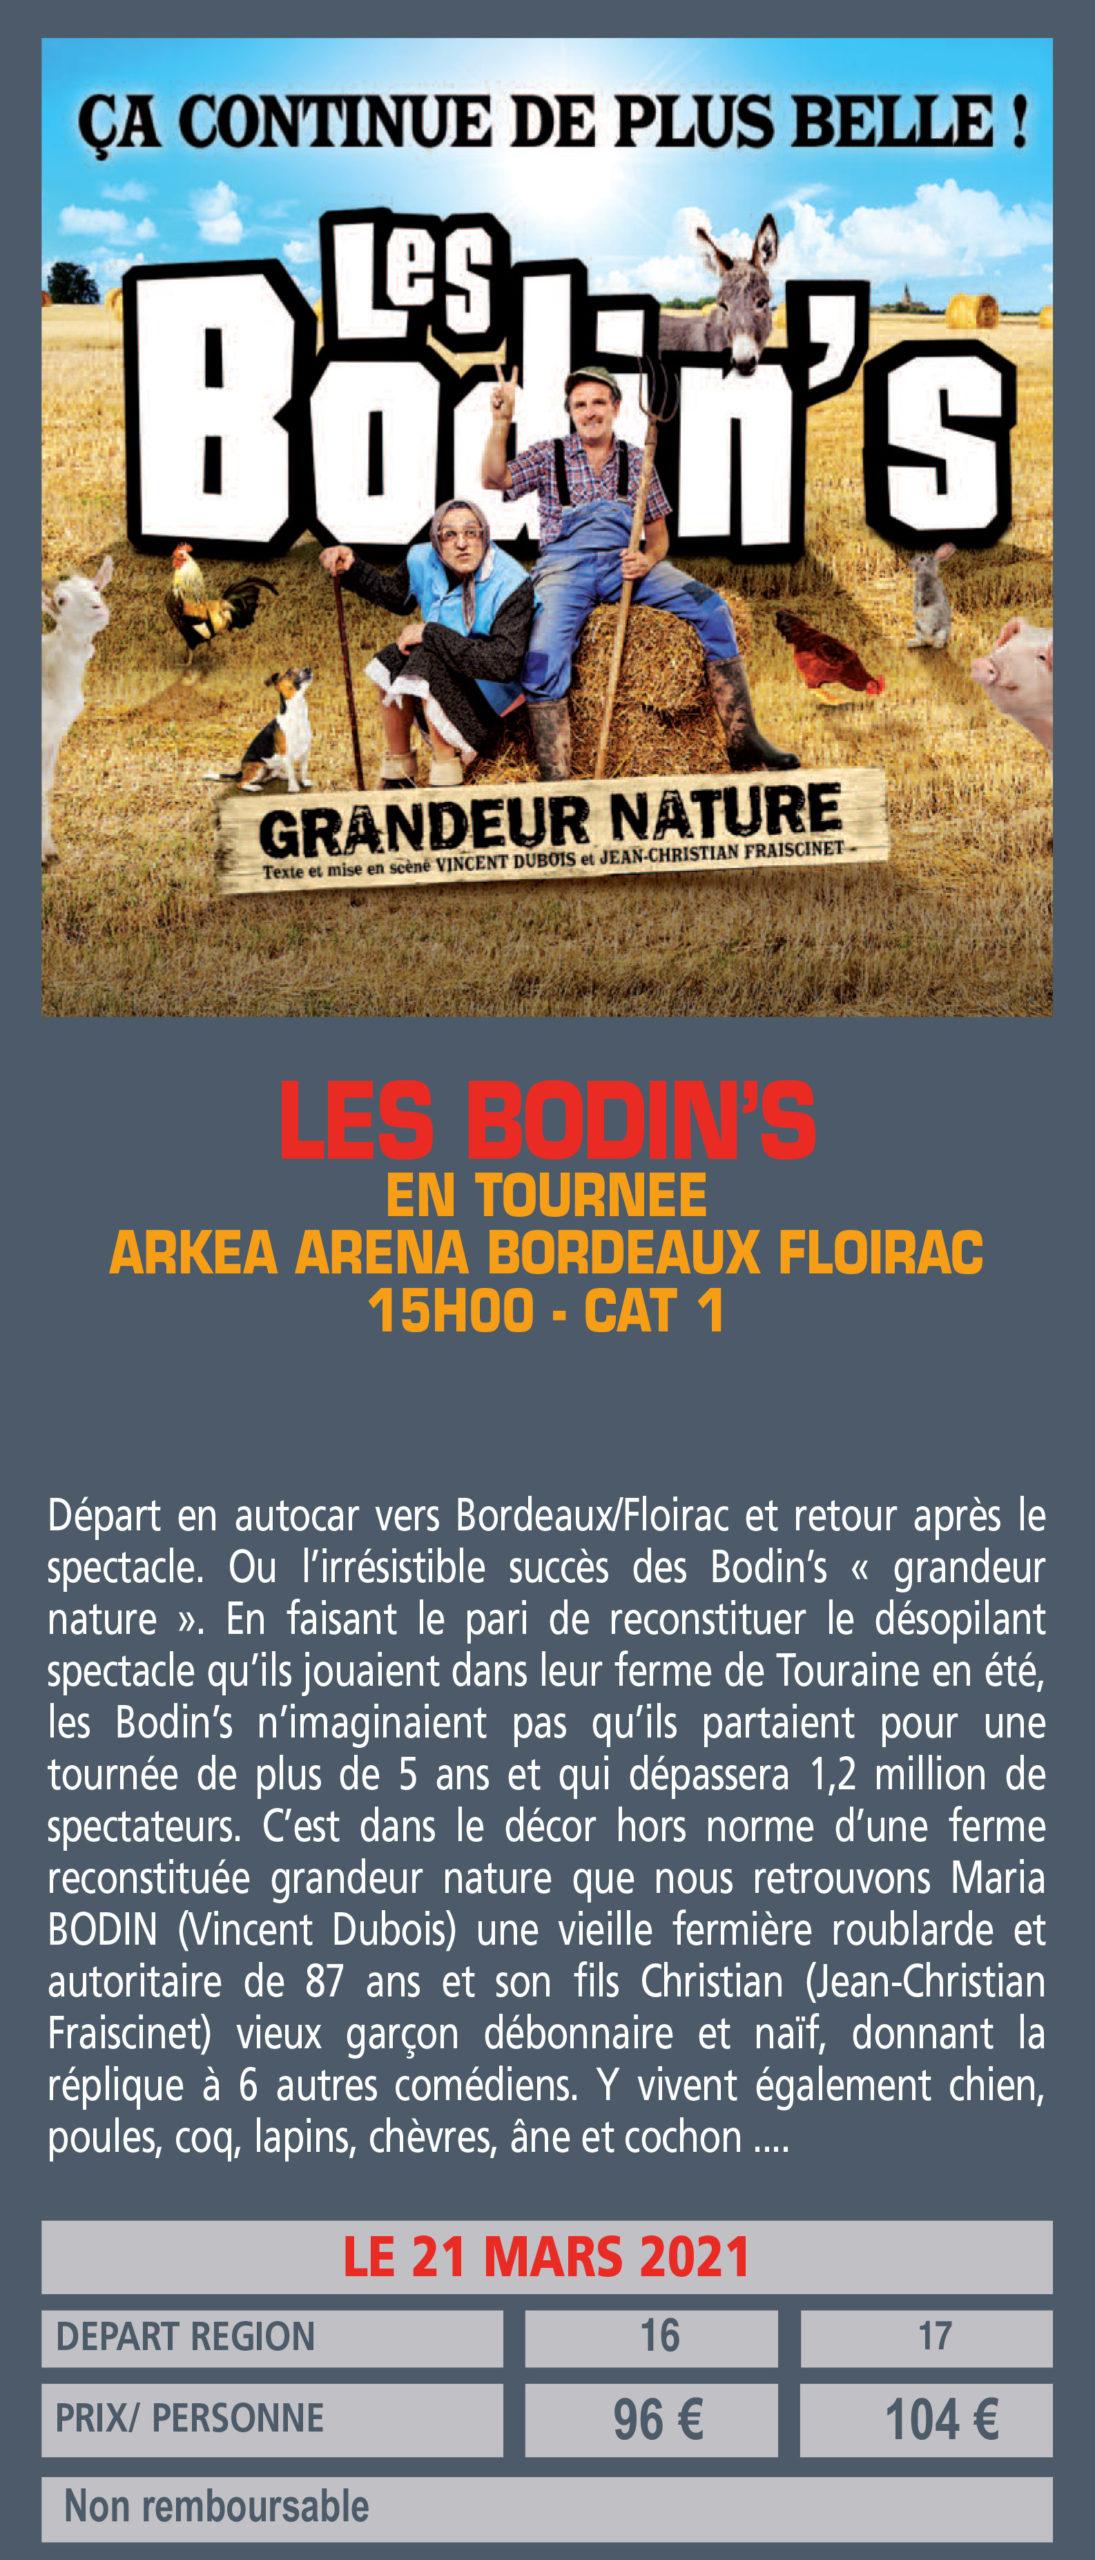 LES BODIN'S EN TOURNEE ARKEA ARENA BORDEAUX FLOIRAC